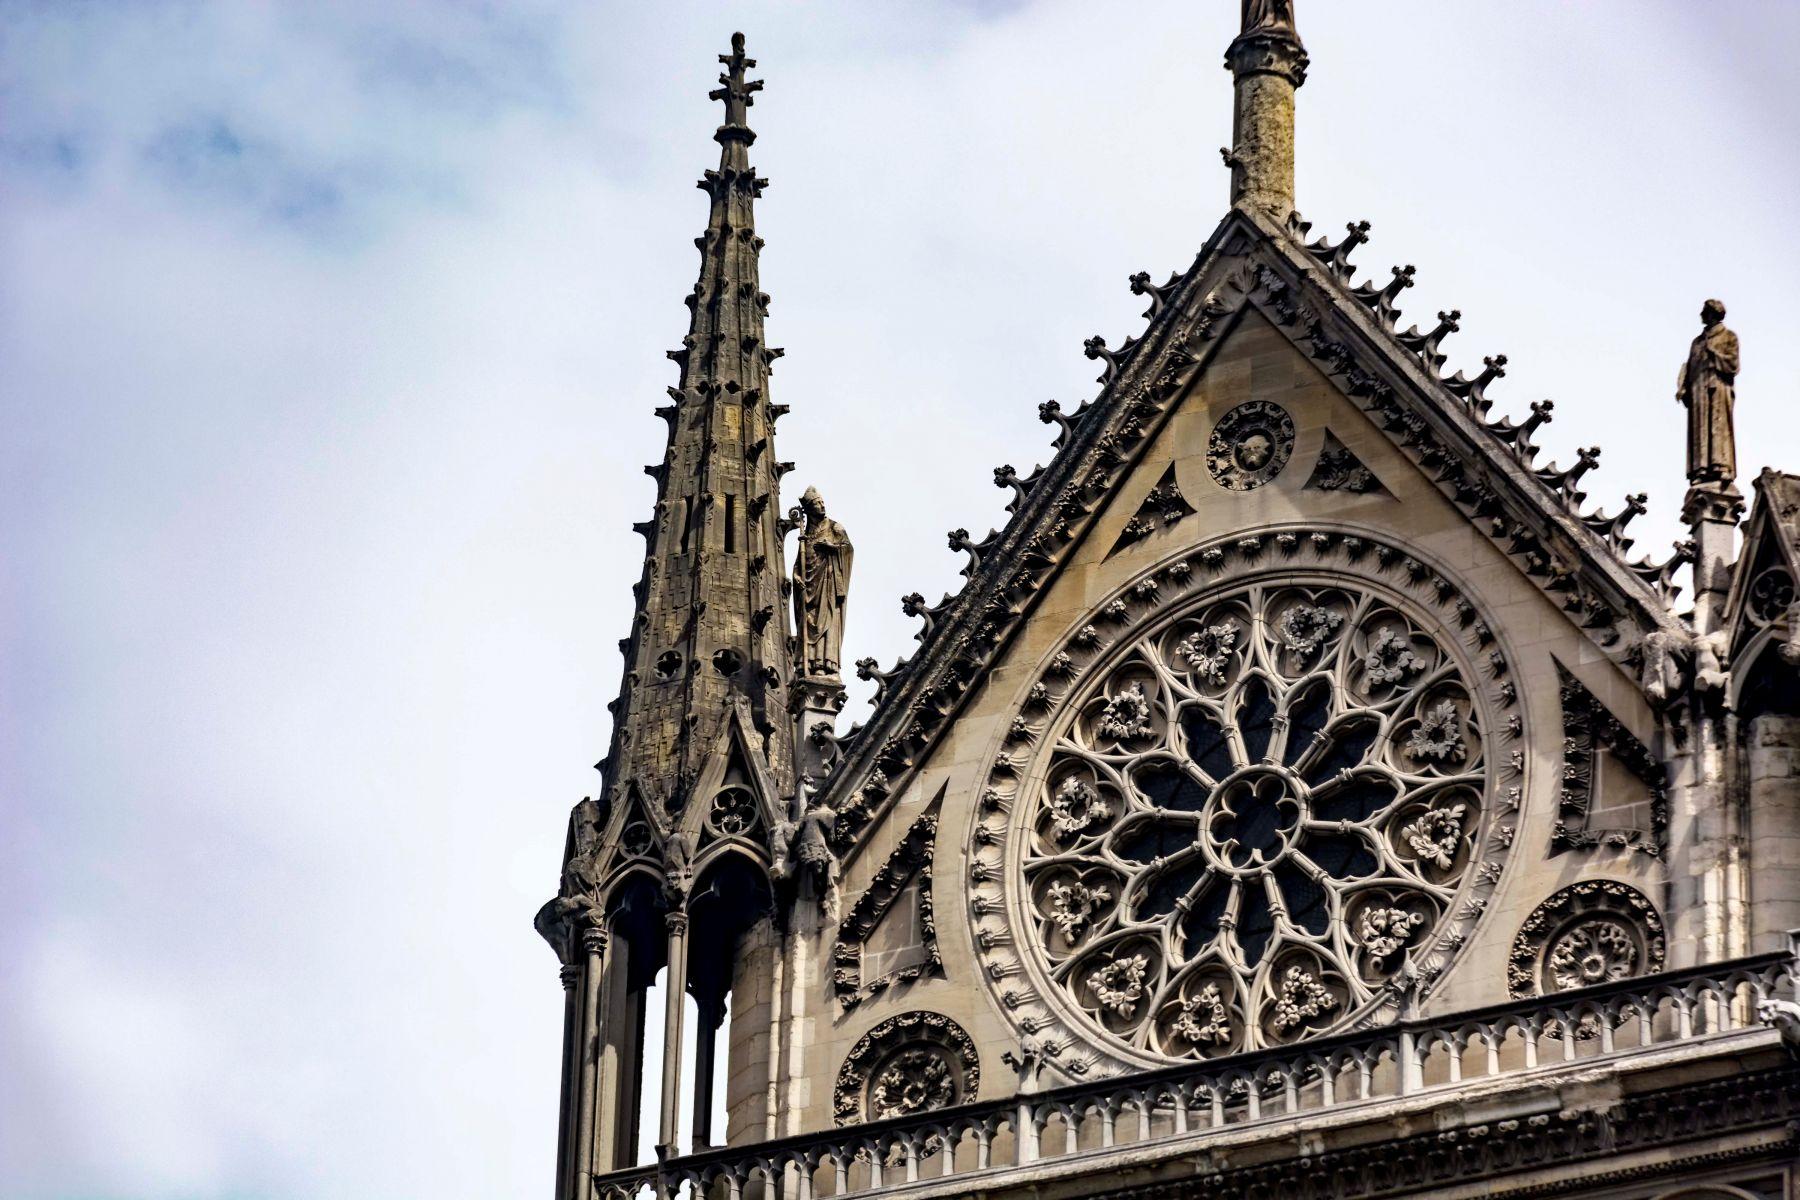 馬克宏將發起國際募款重建聖母院 法富豪慷慨捐出1億歐元